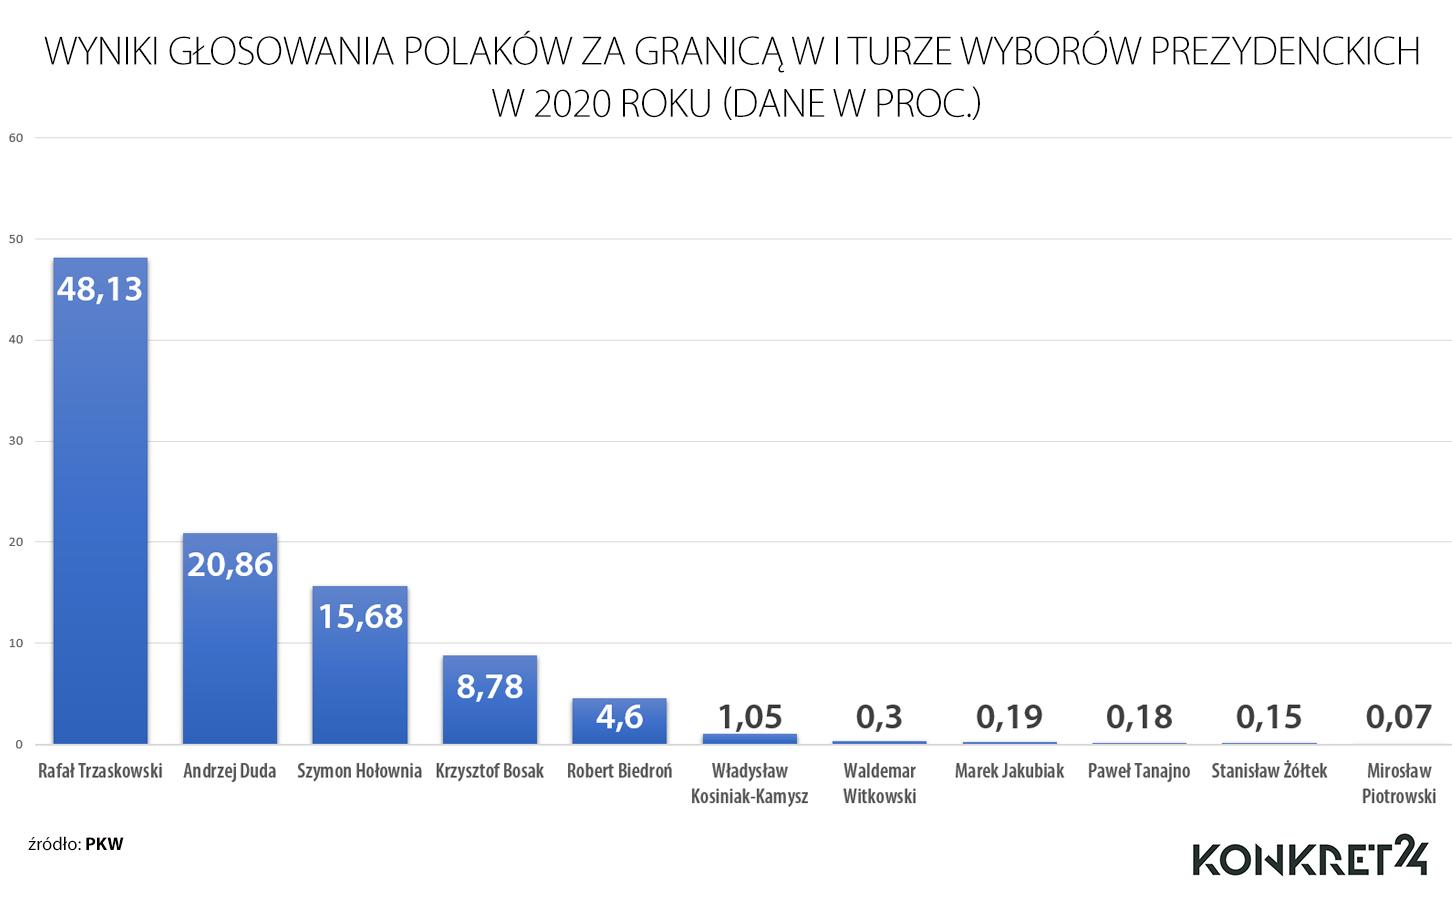 Wyniki głosowania Polonii w pierwszej turze wyborów prezydenckich w 2020 roku